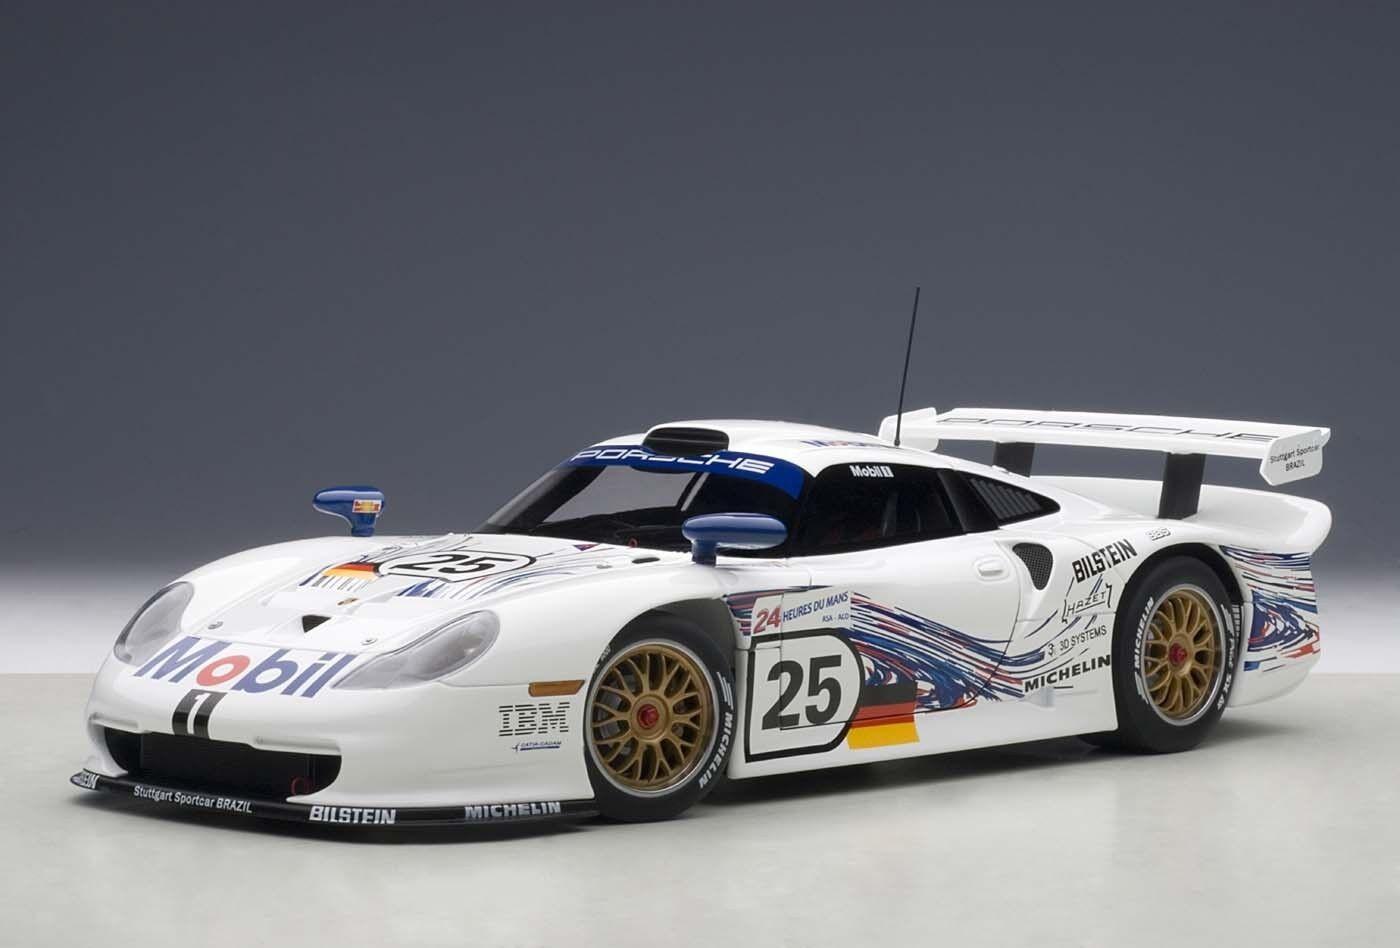 1997 PORSCHE CARRERA GT1 24 Hrs du MANS  25 1 18 byautoart 89772 Brand New in Box